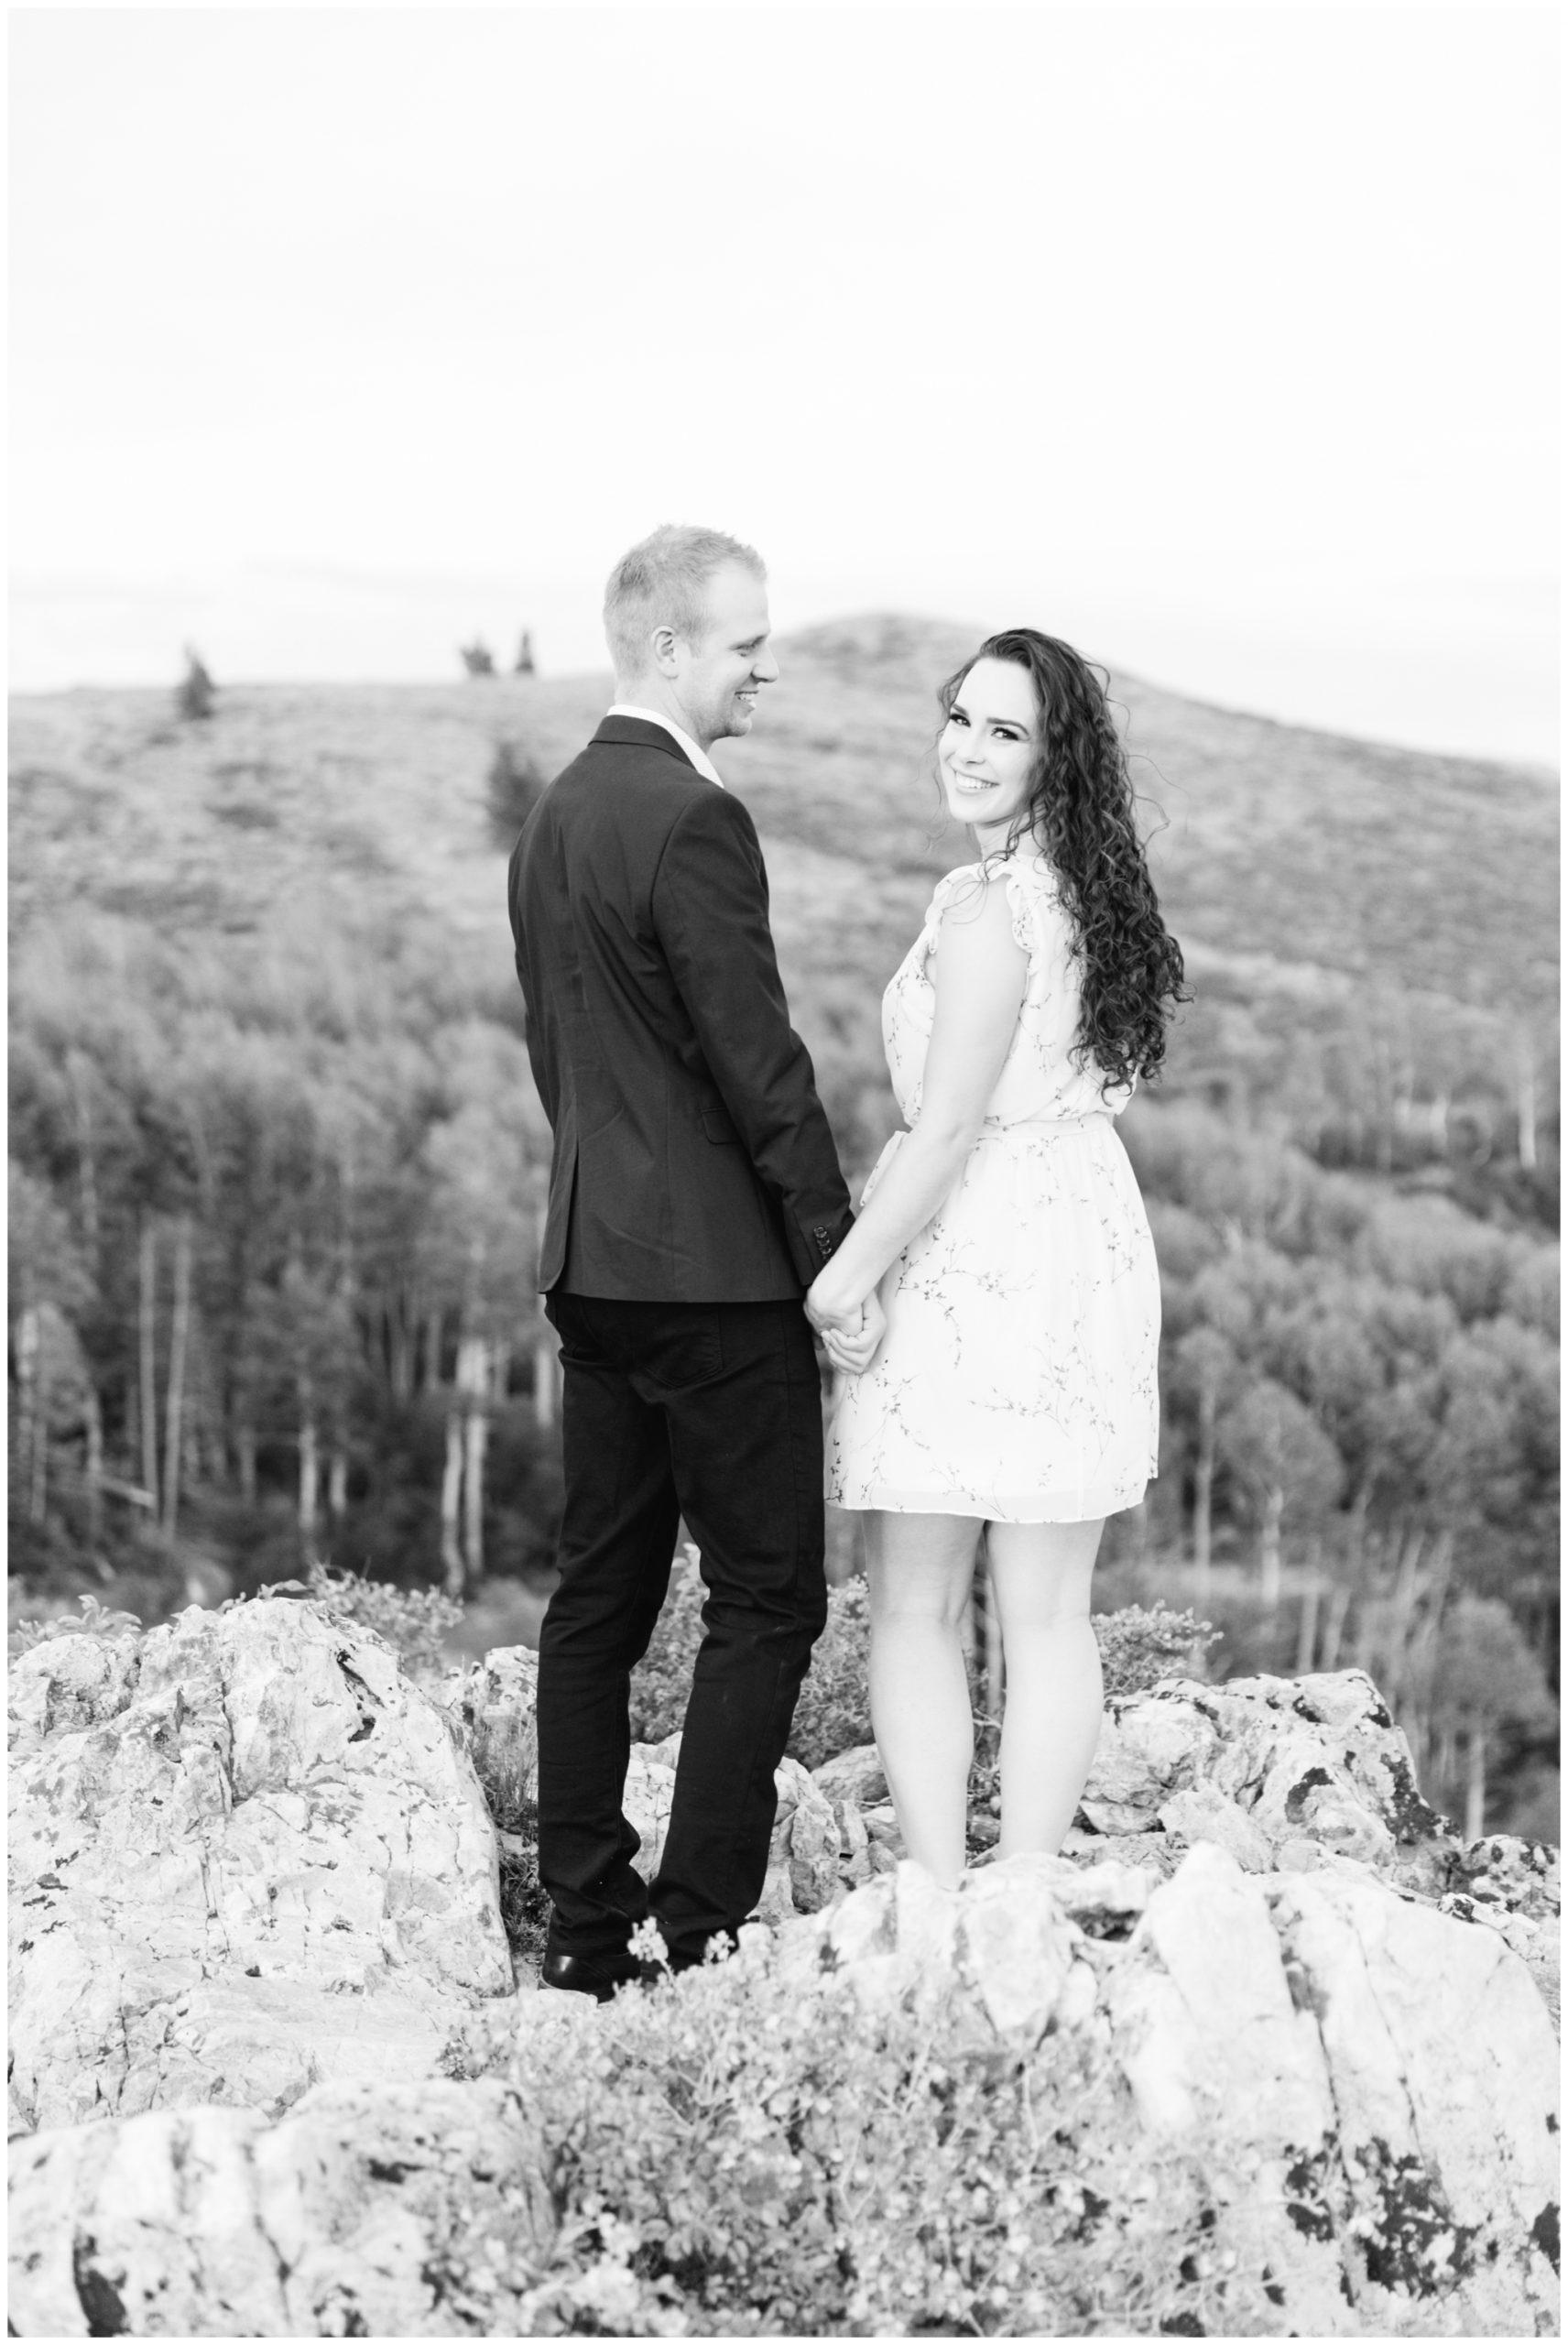 Engagement photos being taken in Park City Utah Mountains